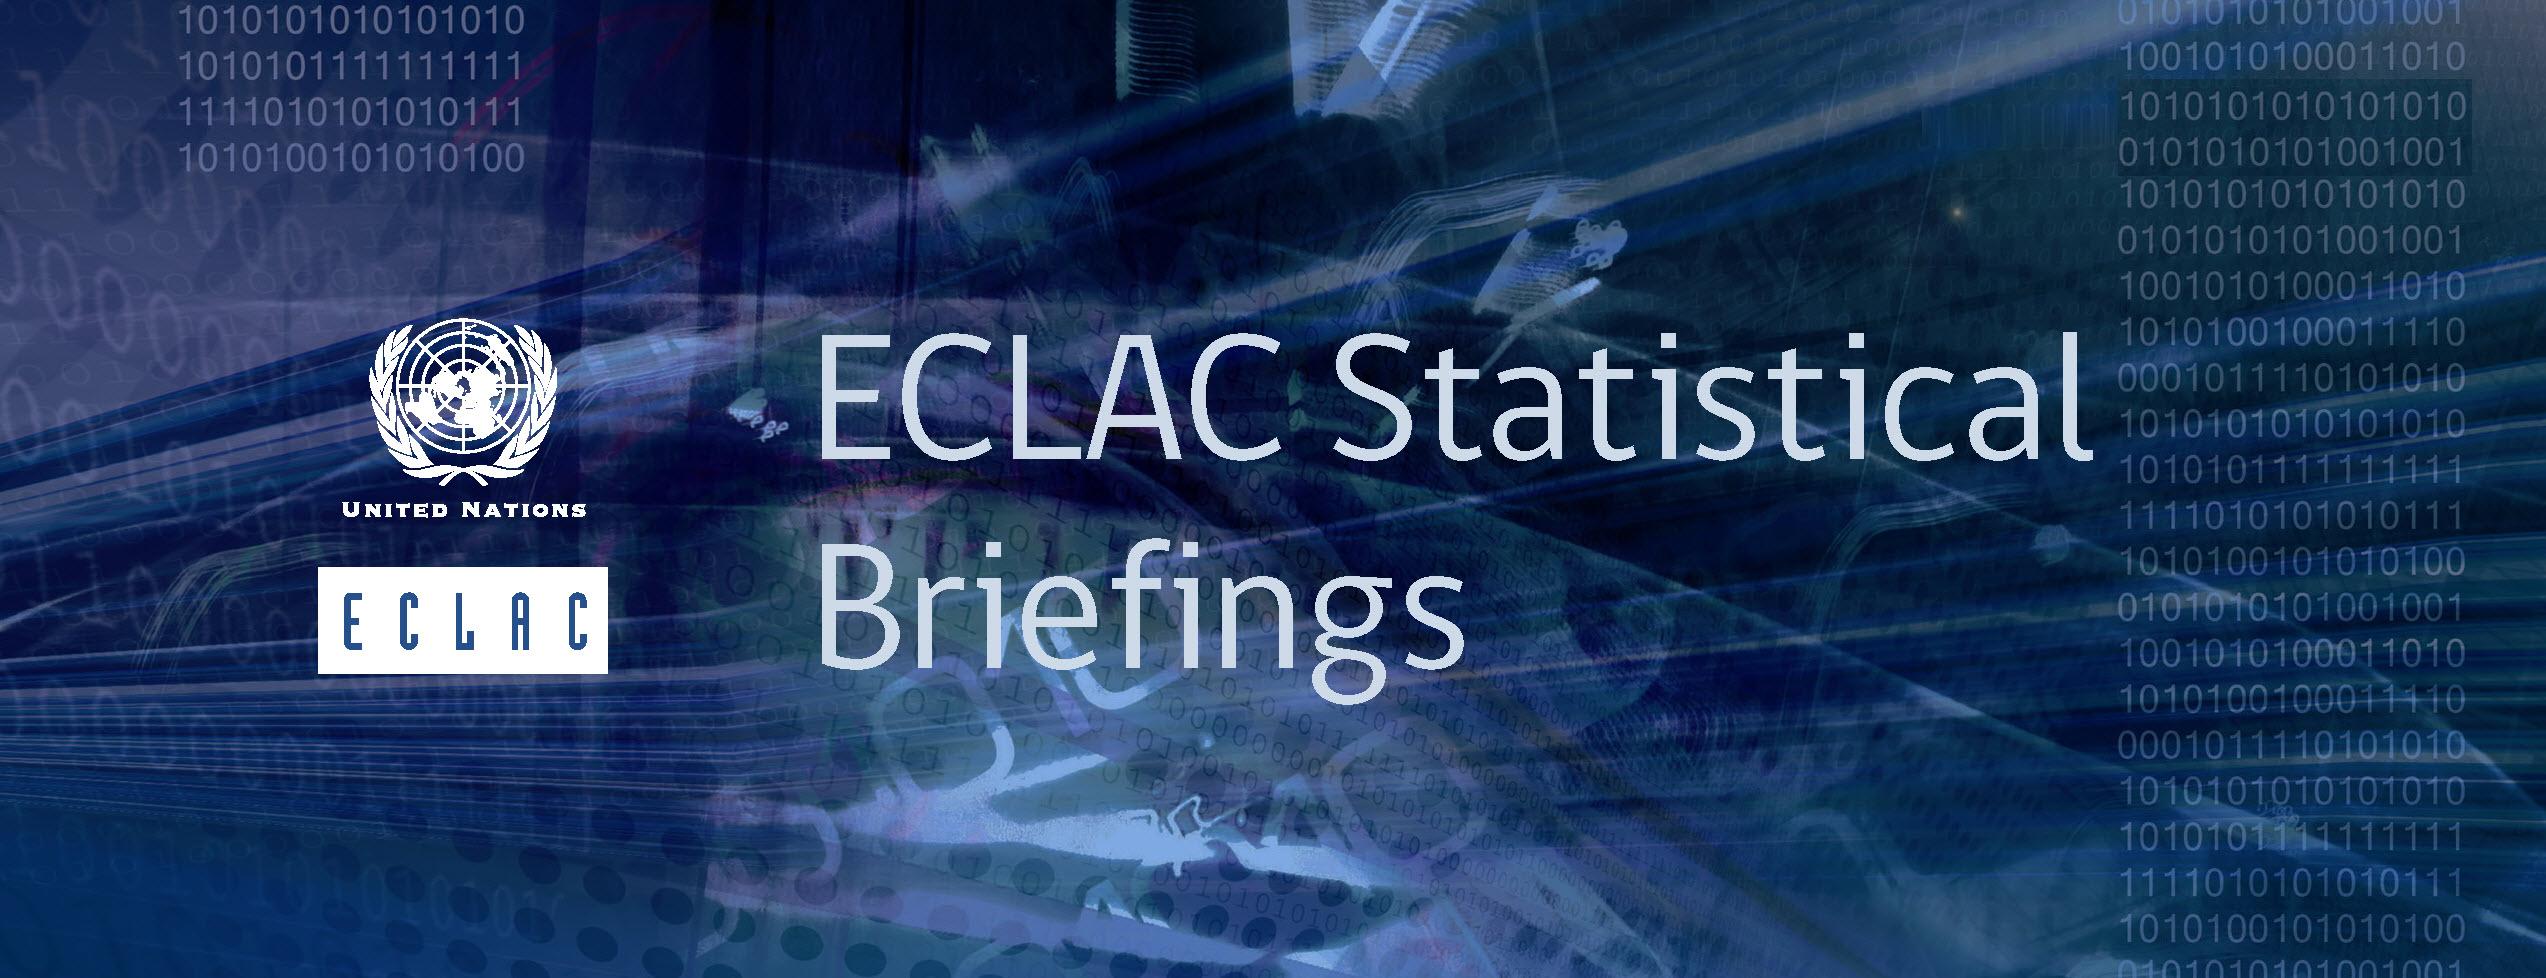 banner-eclac-statistical-briefings-2546x978.jpg